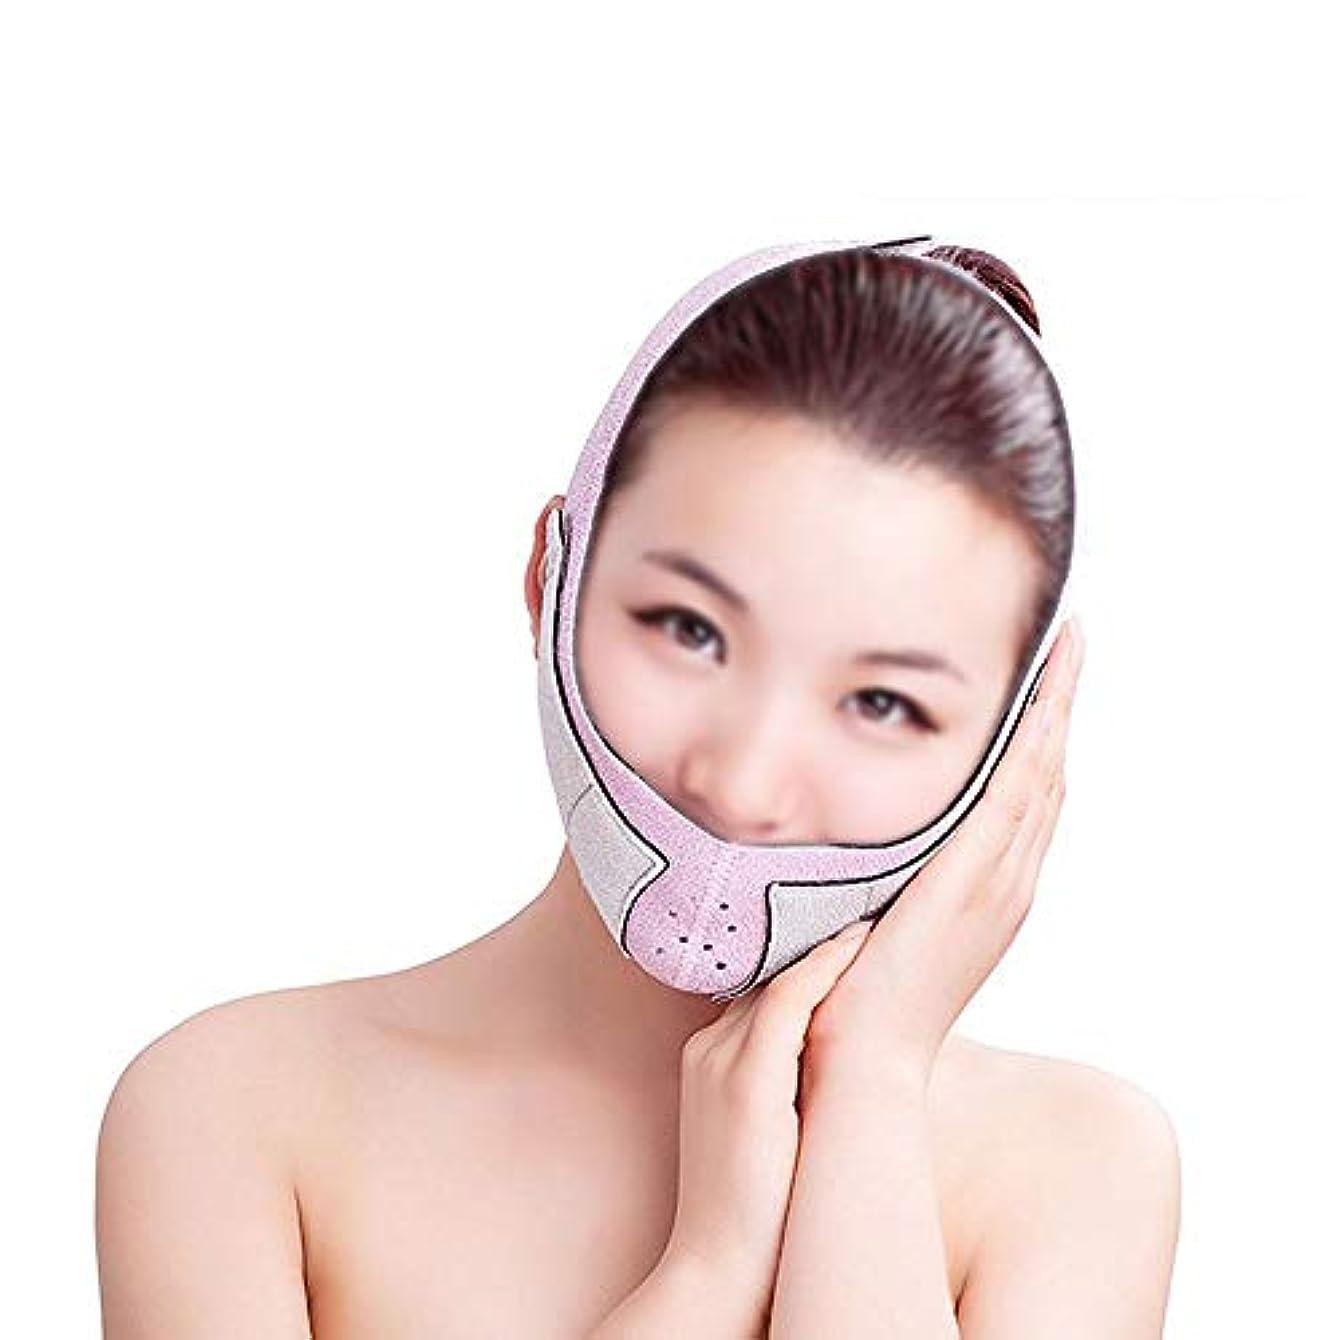 リクルートペデスタル分フェイスリフトマスク、痩身ベルト薄いフェイスマスク強力な持ち上げ小さなV顔薄い顔包帯美容フェイスリフティングデバイス